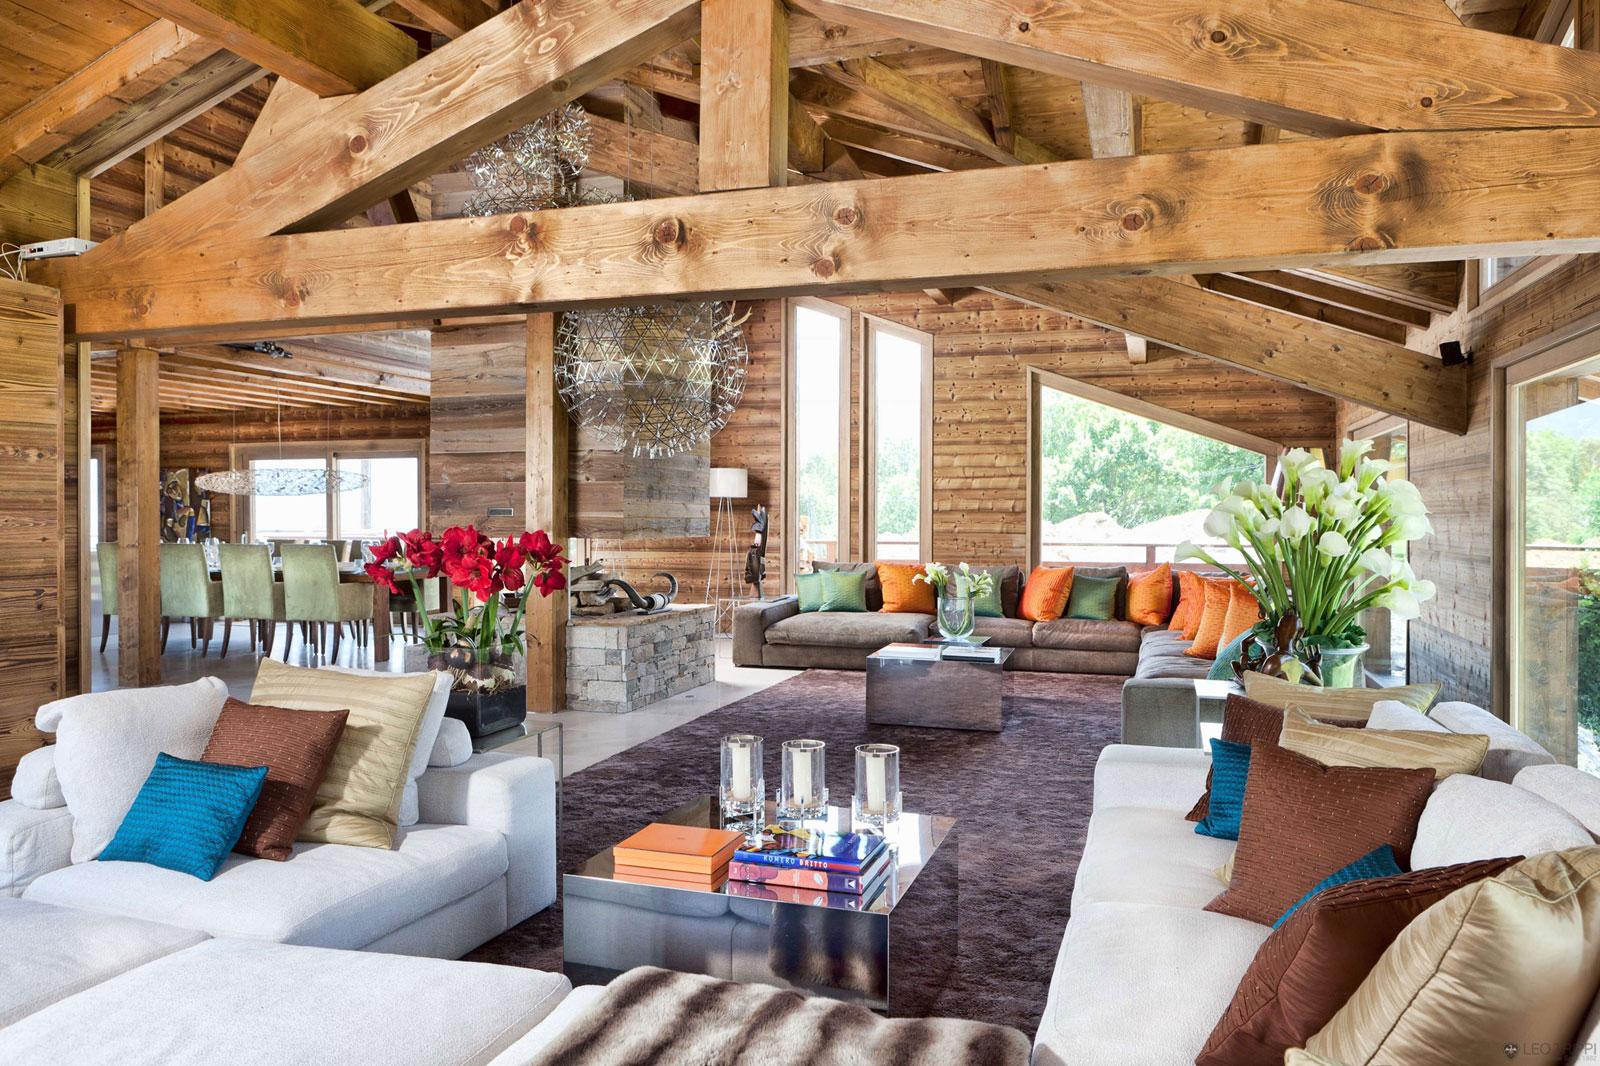 luxus wohnzimmer modern:Mountain Chalet Style Home Decorating